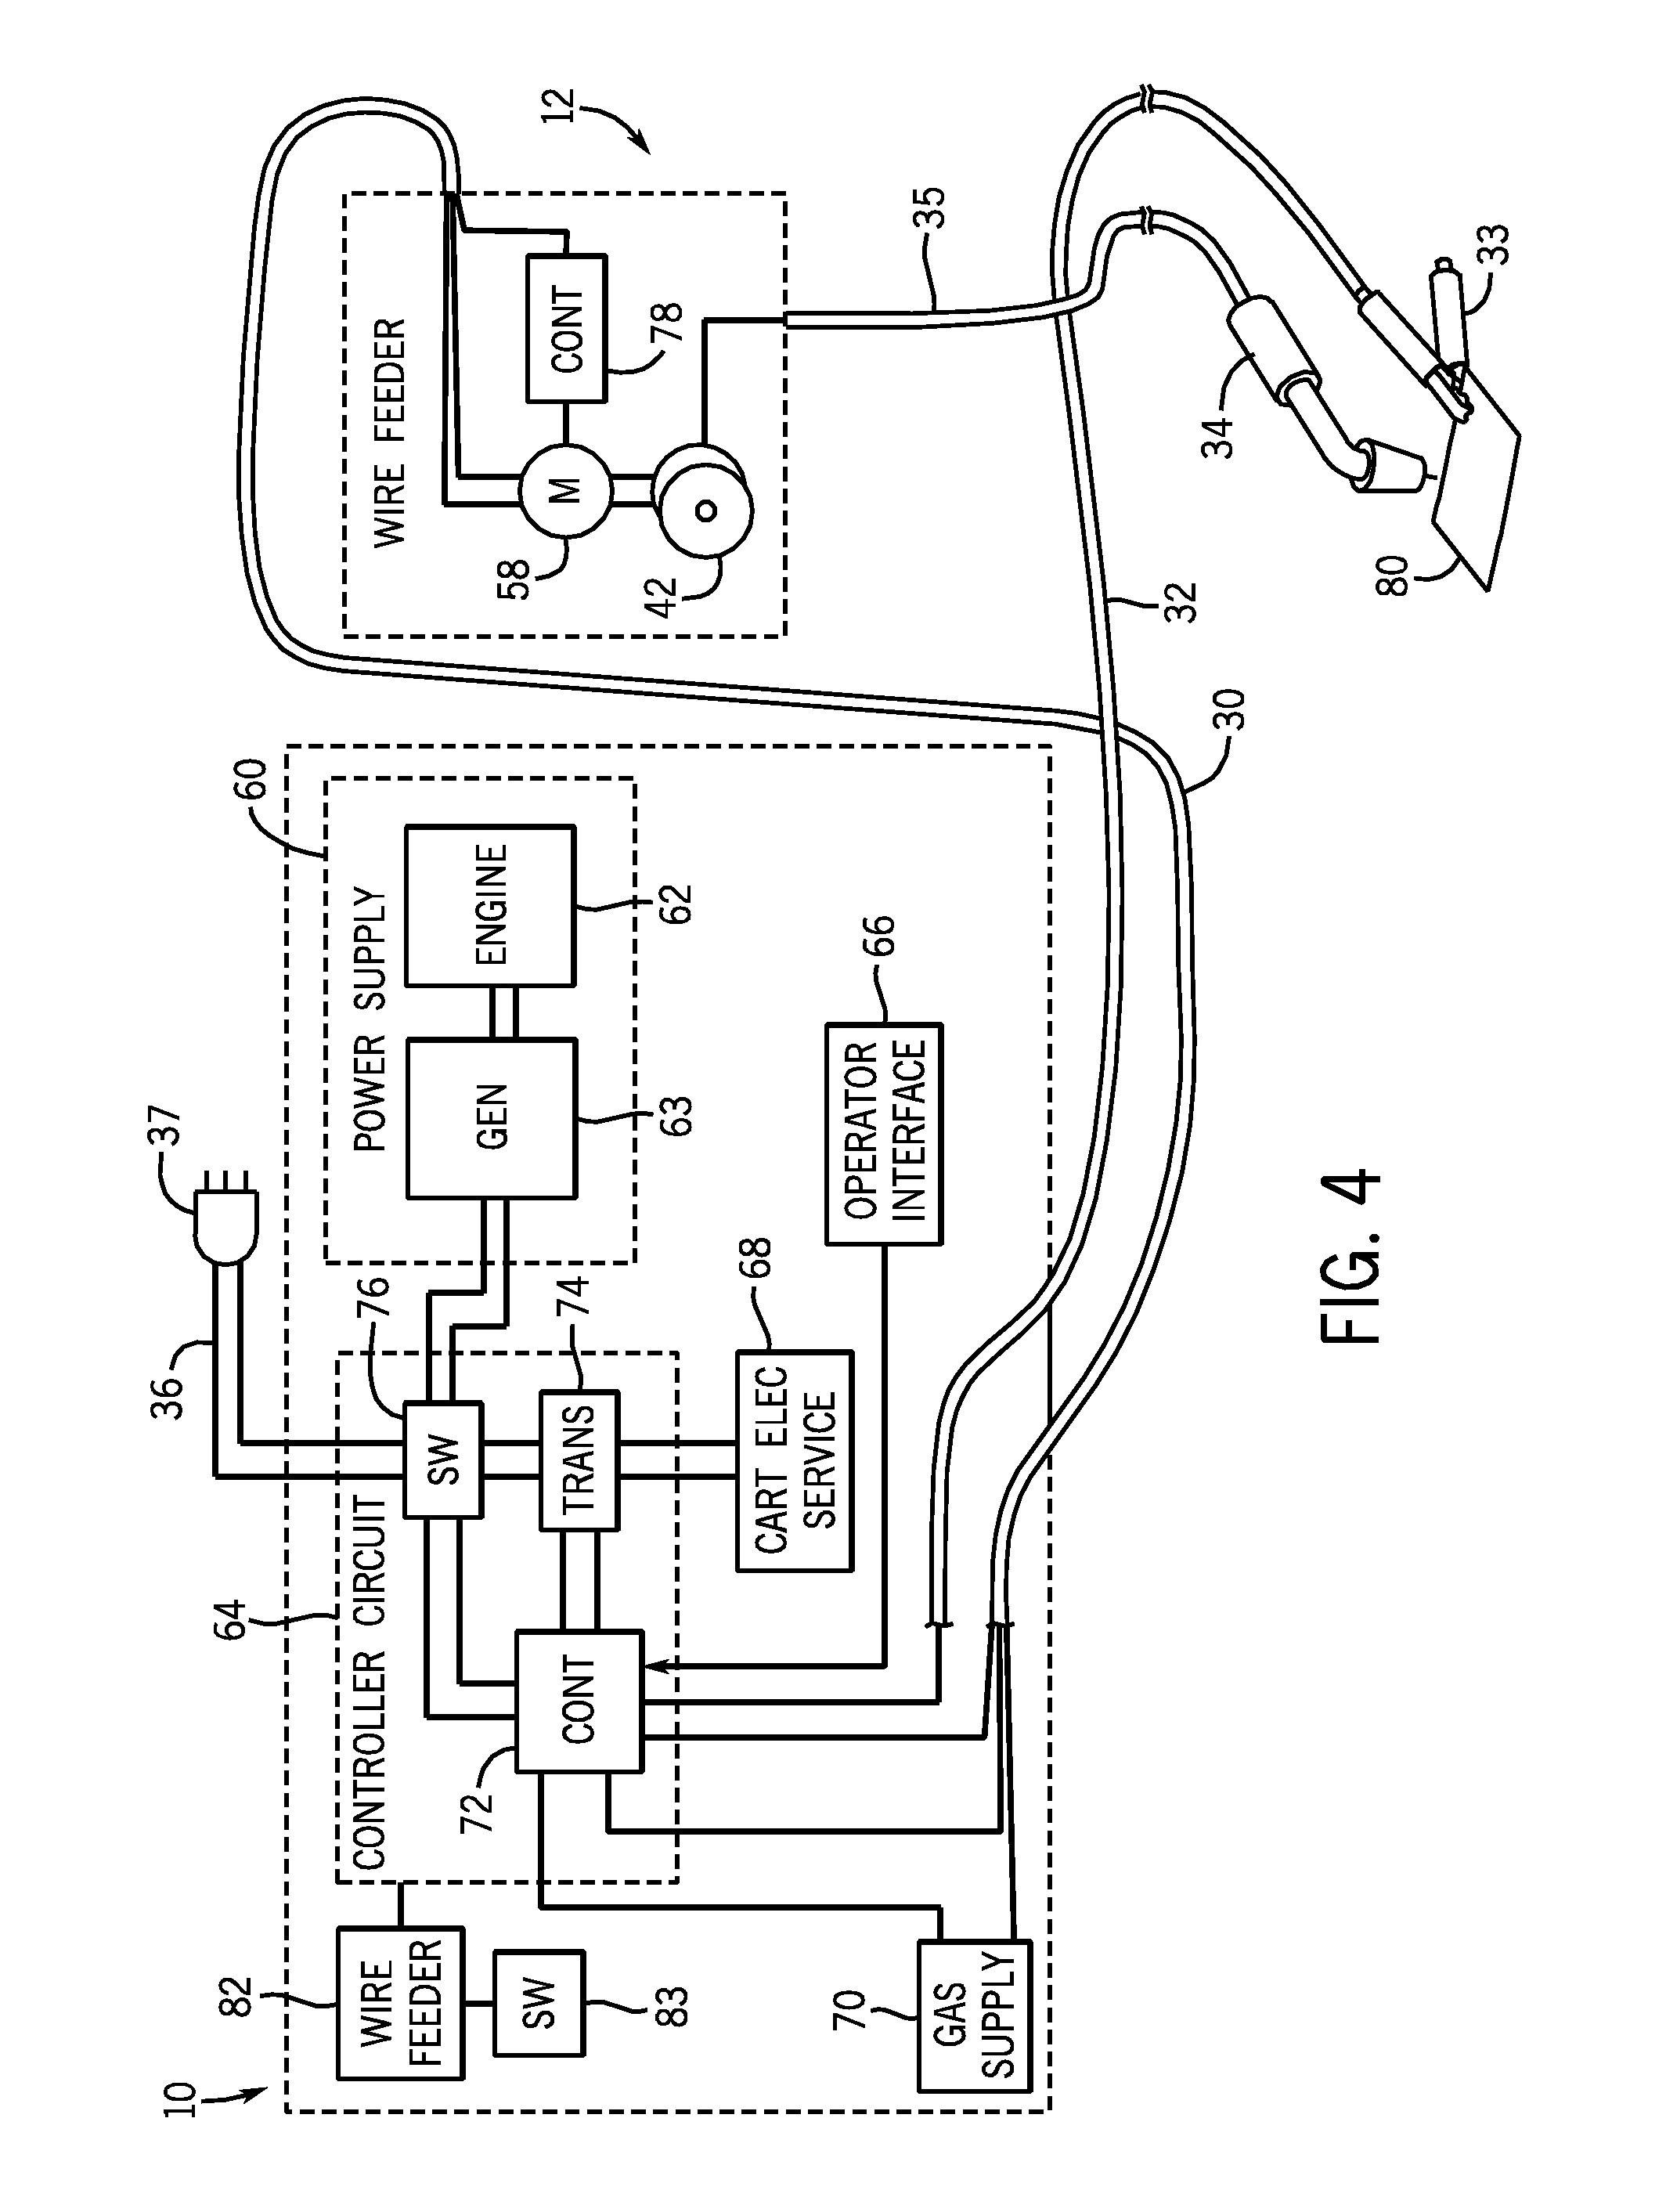 220 Volt Welder Wiring Diagram Wiring Library